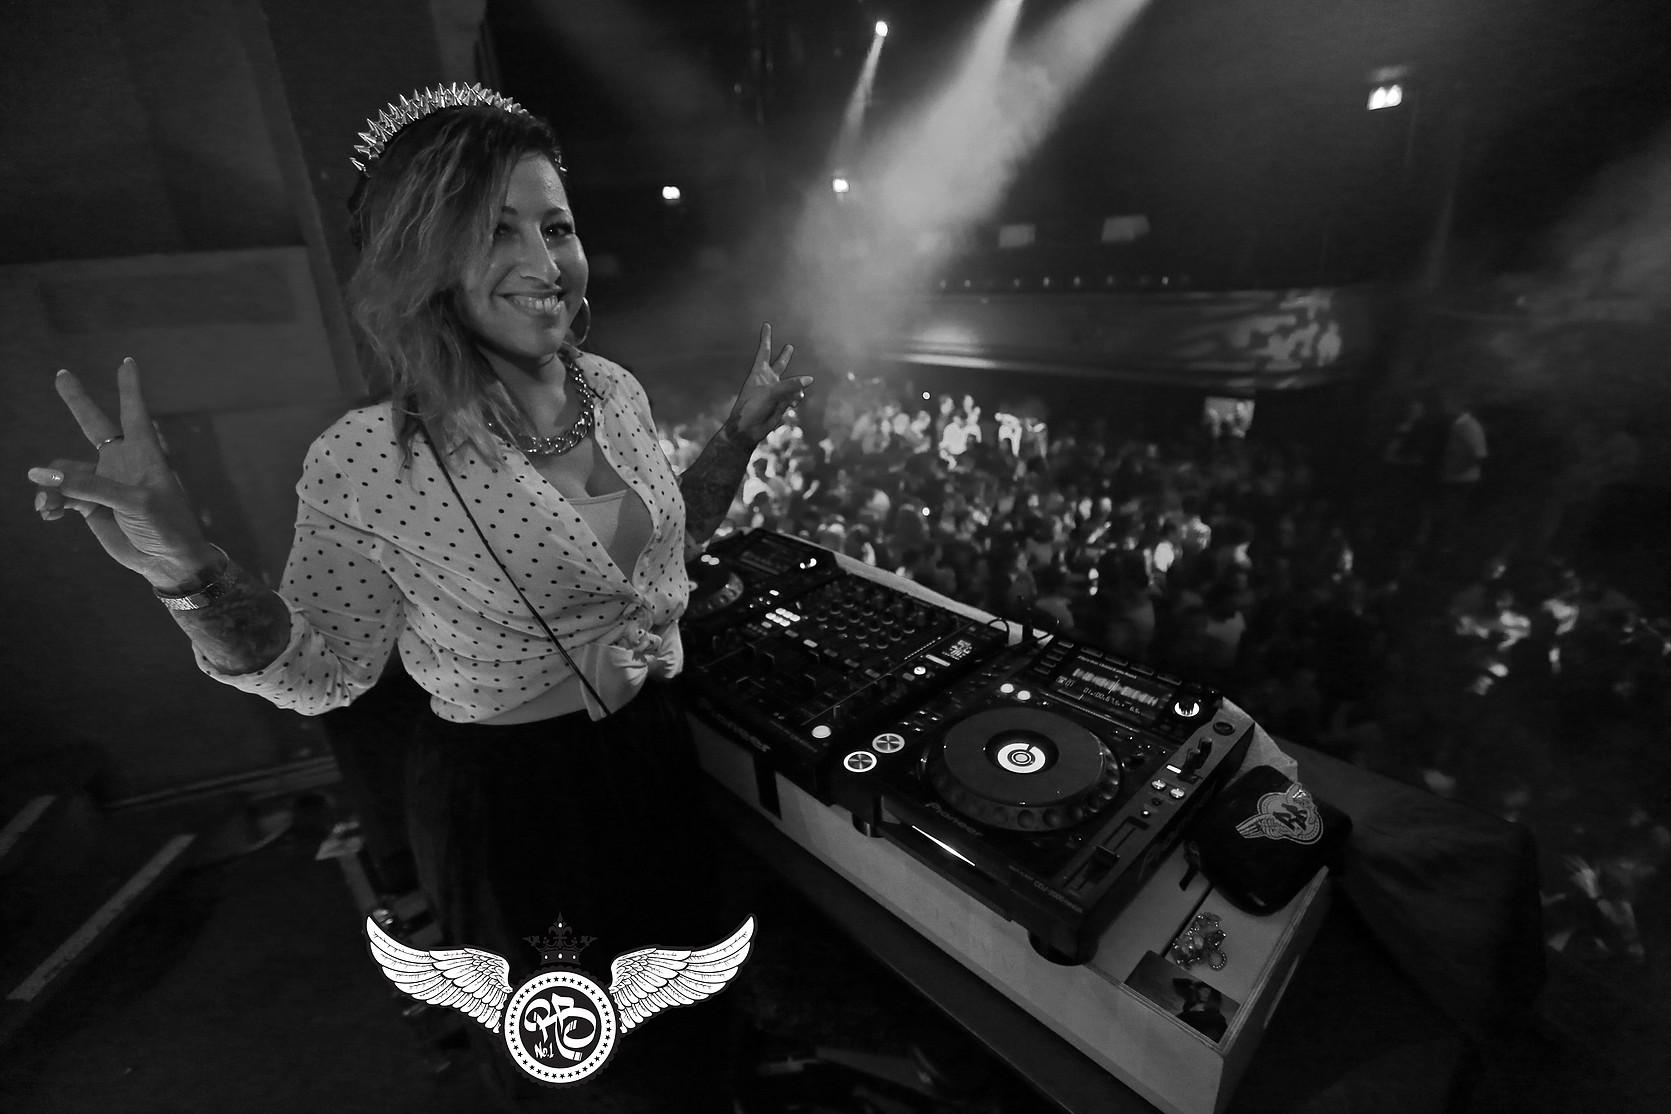 DJ Miss Brown